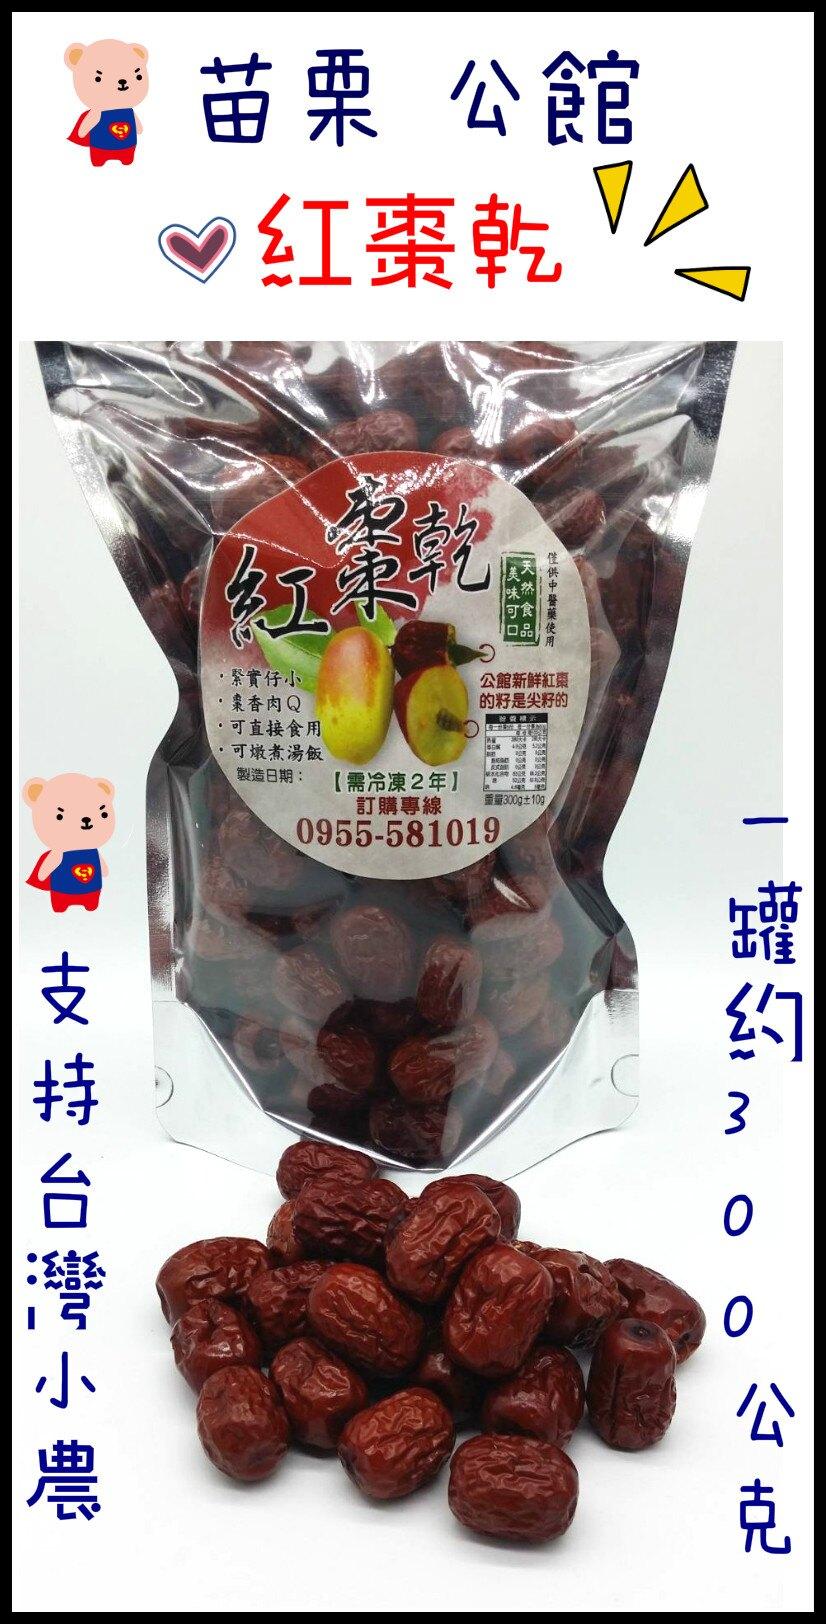 團購價 苗栗公館 紅棗乾 罐裝300克 請支持台灣農產 尖籽紅棗 棗香肉Q 紅棗乾 紅棗 乾貨 特產 伴手禮 零食